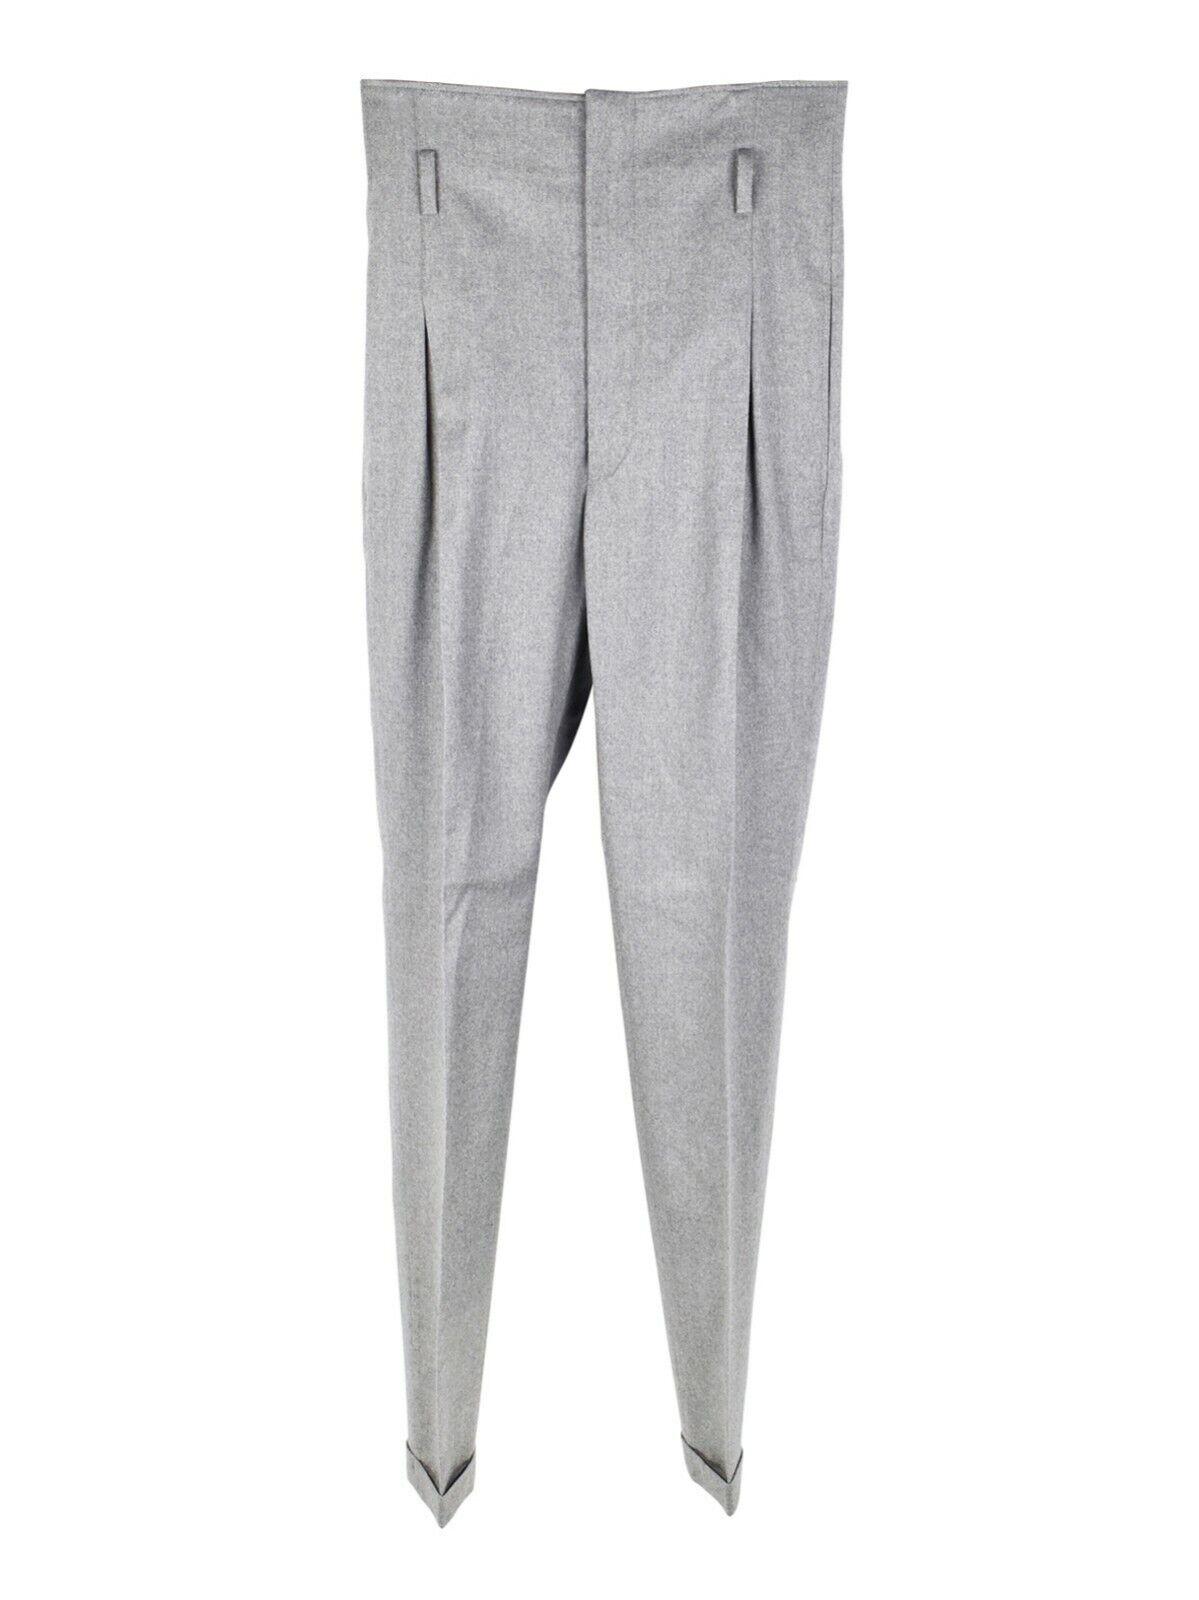 Jean Paul Gaultier skinny high-waist wool grey trousers